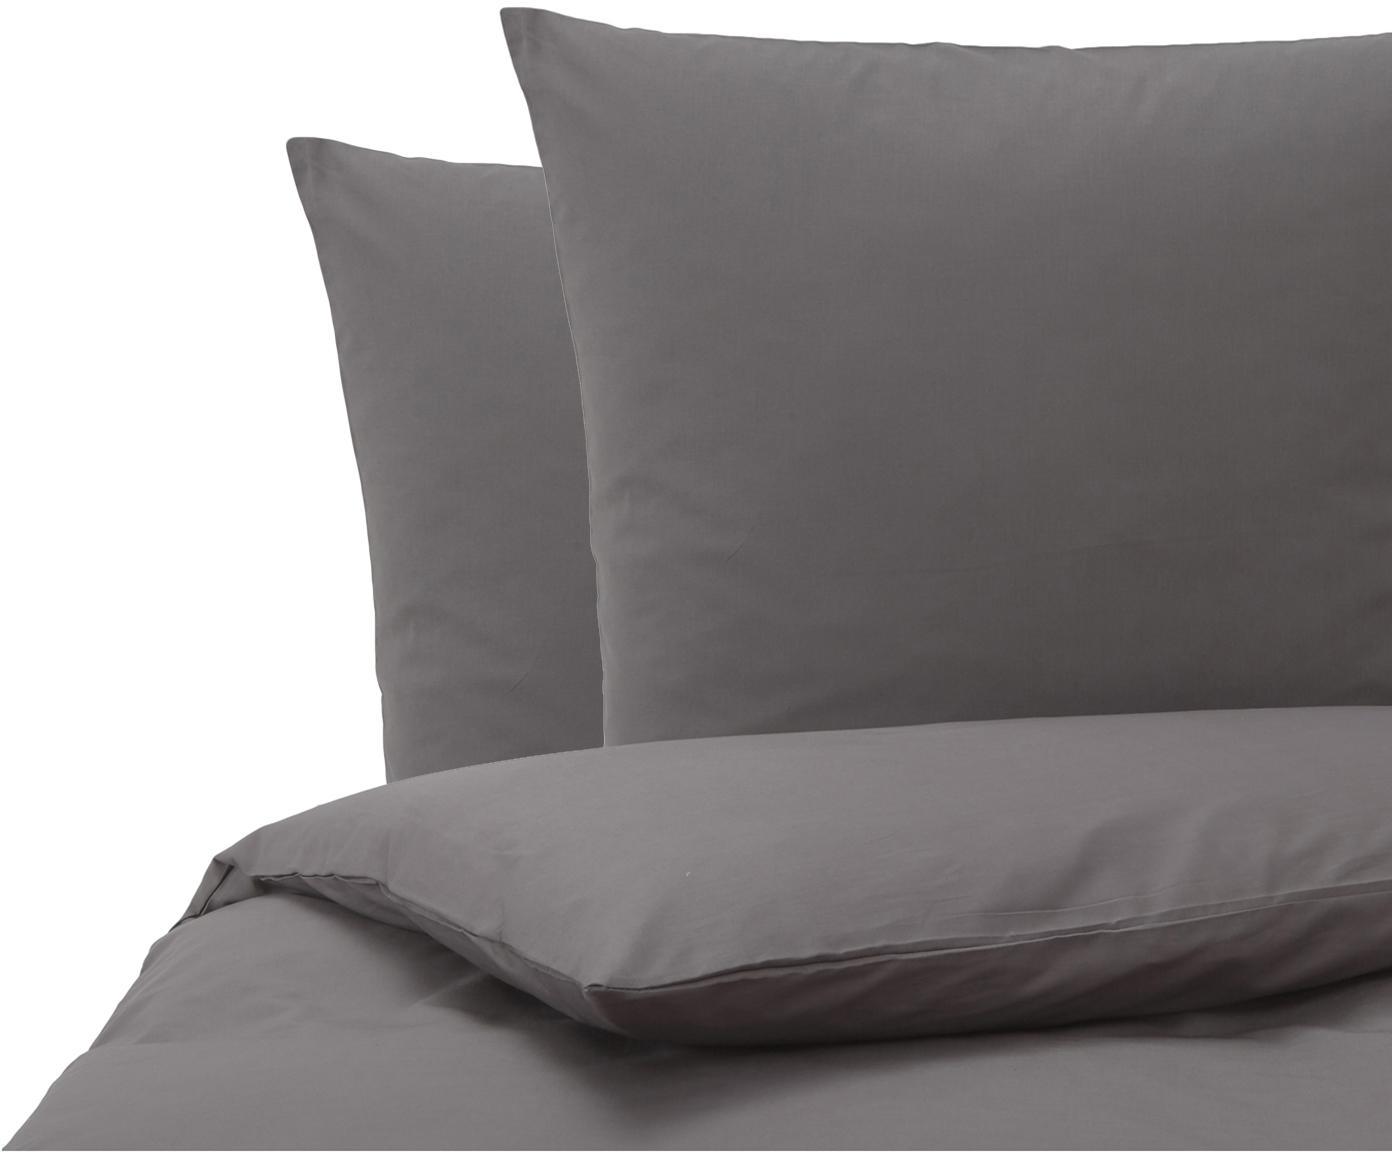 Baumwoll-Bettwäsche Weekend in Anthrazit, 100% Baumwolle  Fadendichte 145 TC, Standard Qualität  Bettwäsche aus Baumwolle fühlt sich auf der Haut angenehm weich an, nimmt Feuchtigkeit gut auf und eignet sich für Allergiker., Anthrazit, 200 x 200 cm + 2 Kissen 80 x 80 cm